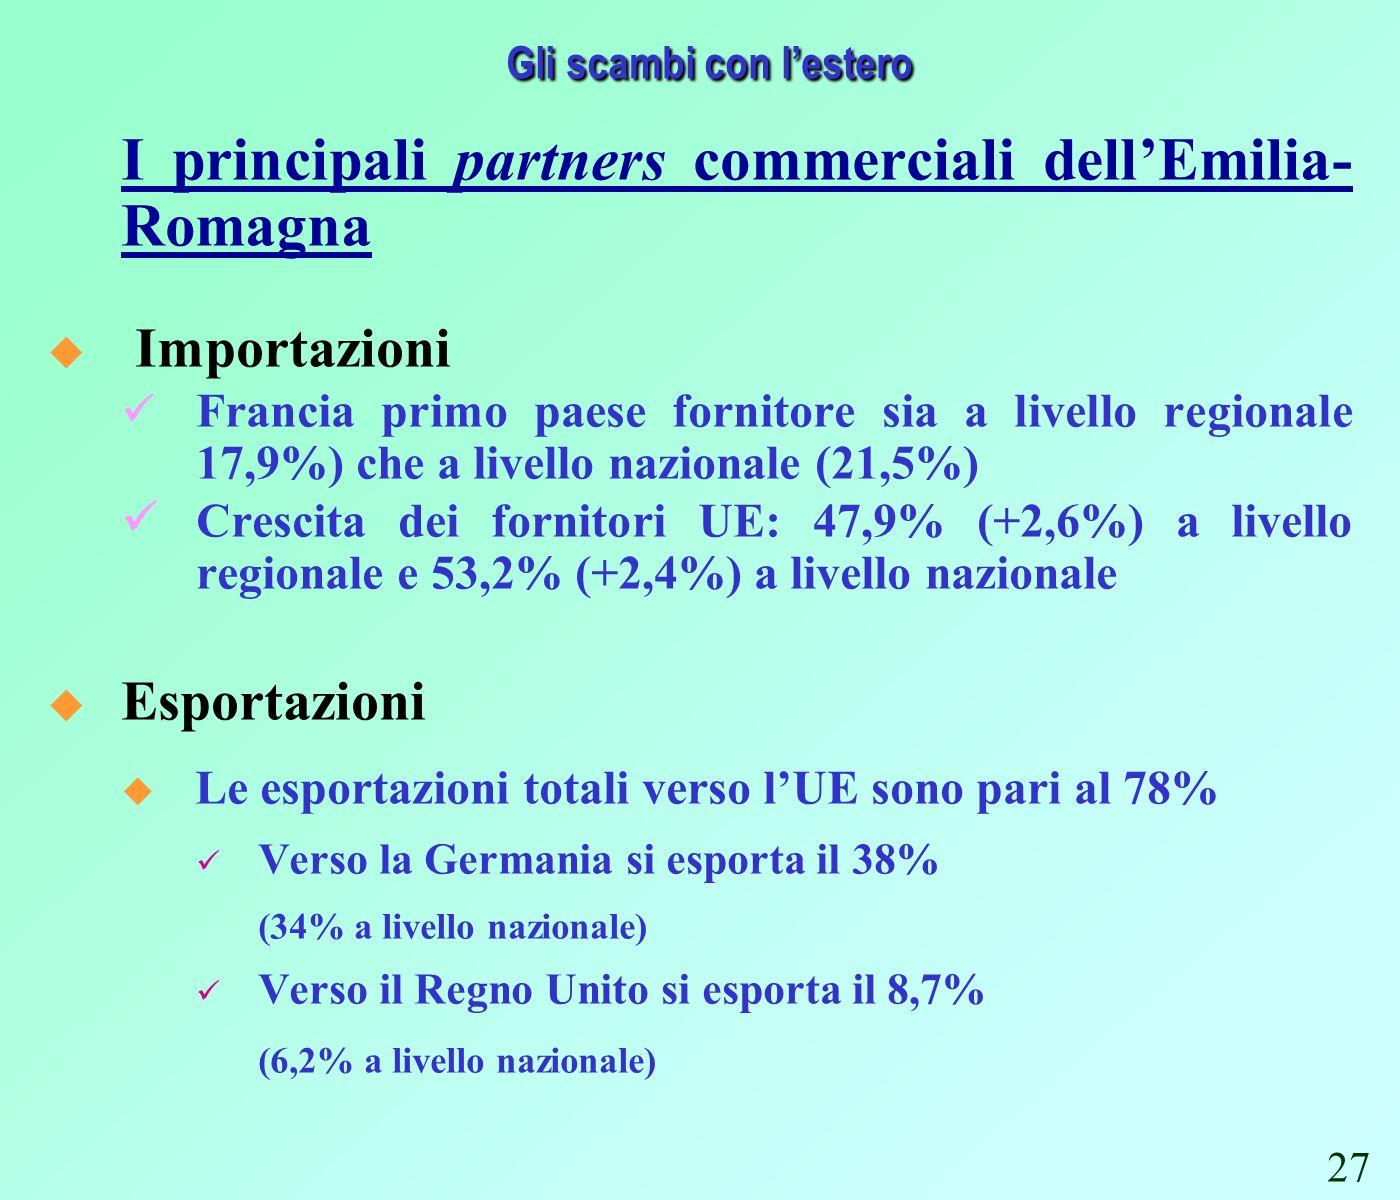 Gli scambi con lestero I principali partners commerciali dellEmilia- Romagna Importazioni Francia primo paese fornitore sia a livello regionale 17,9%) che a livello nazionale (21,5%) Crescita dei fornitori UE: 47,9% (+2,6%) a livello regionale e 53,2% (+2,4%) a livello nazionale Esportazioni u Le esportazioni totali verso lUE sono pari al 78% Verso la Germania si esporta il 38% (34% a livello nazionale) Verso il Regno Unito si esporta il 8,7% (6,2% a livello nazionale) 27